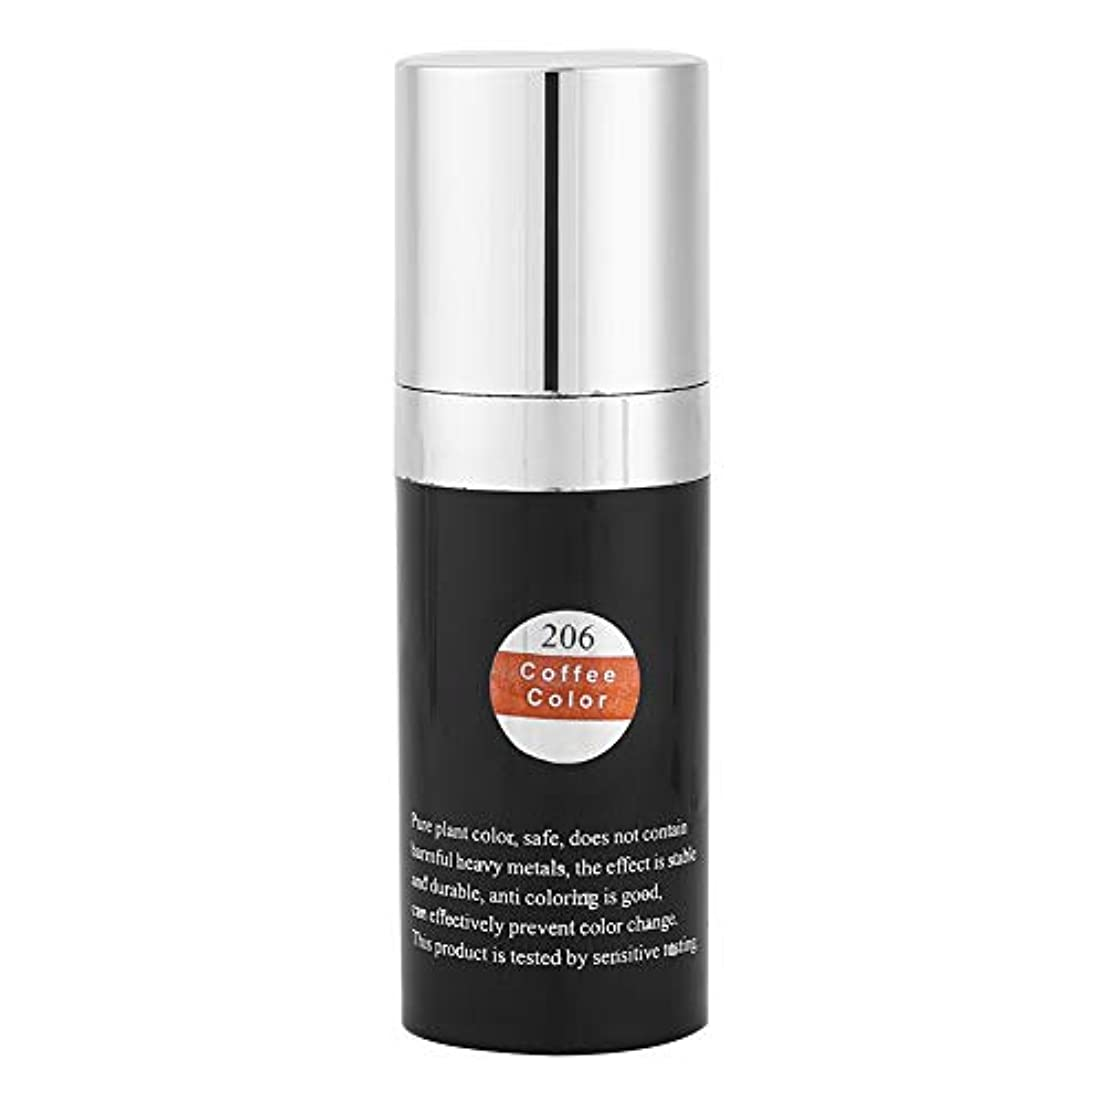 工業化する火傷リボン6色顔料の入れ墨、有機性植物の顔料インク眉毛の唇の目ライン永久的な色の構造の入れ墨の化粧品インク(コーヒー)